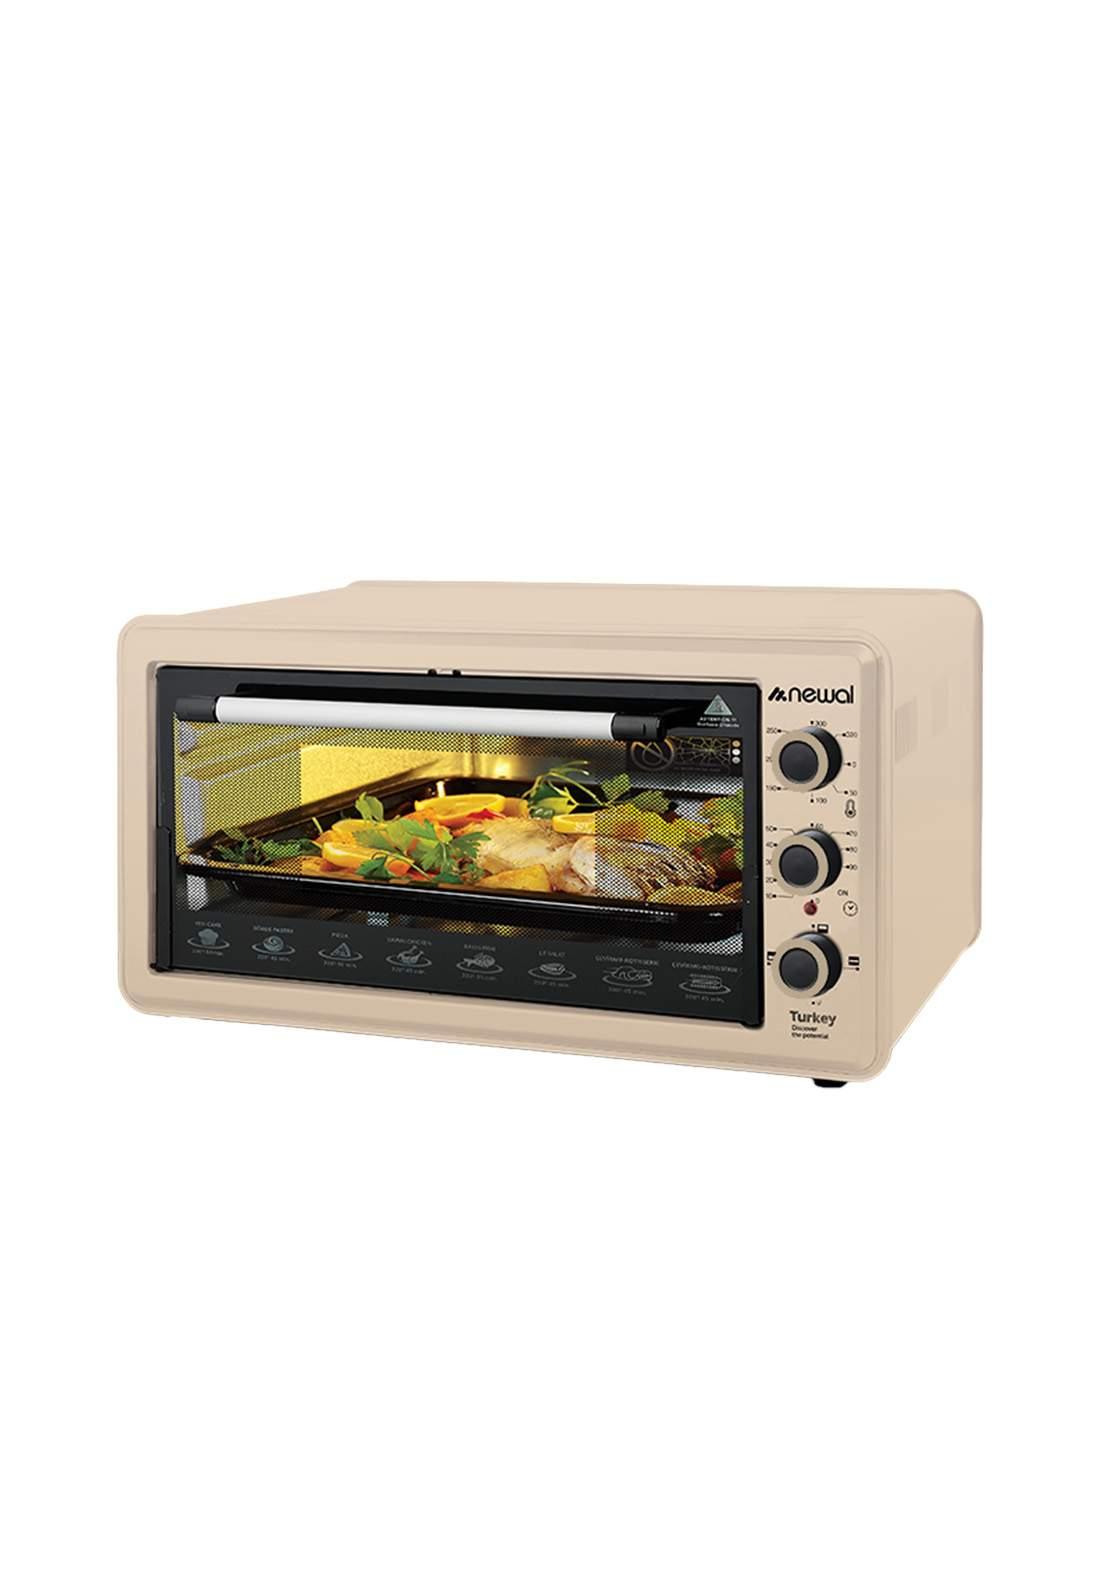 Newal Mini Oven 45L MOV-451-04 - Beige فرن كهربائي